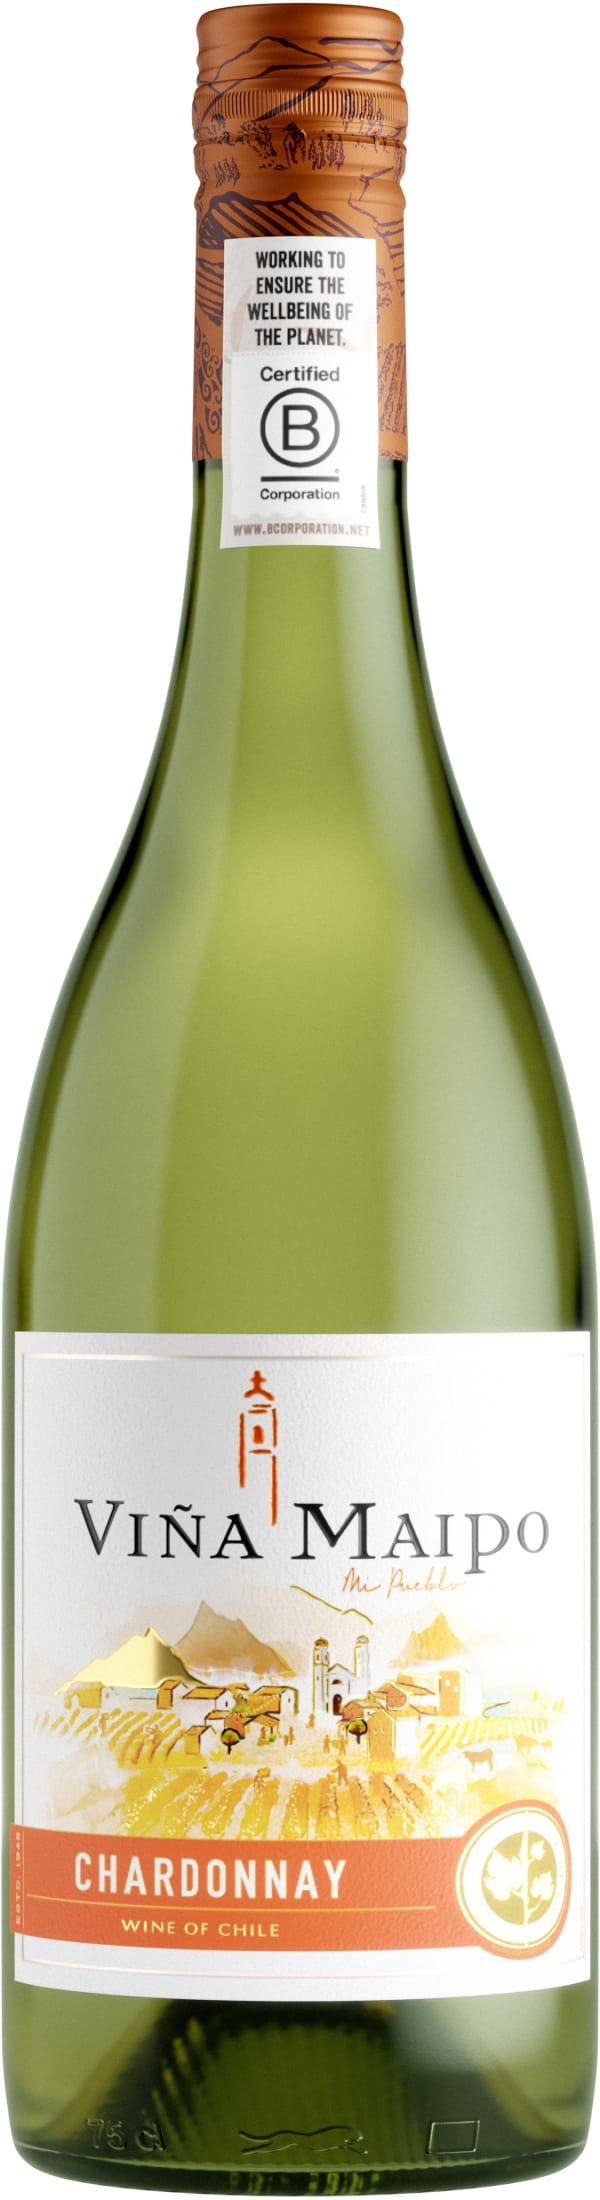 Viña Maipo Chardonnay 2017